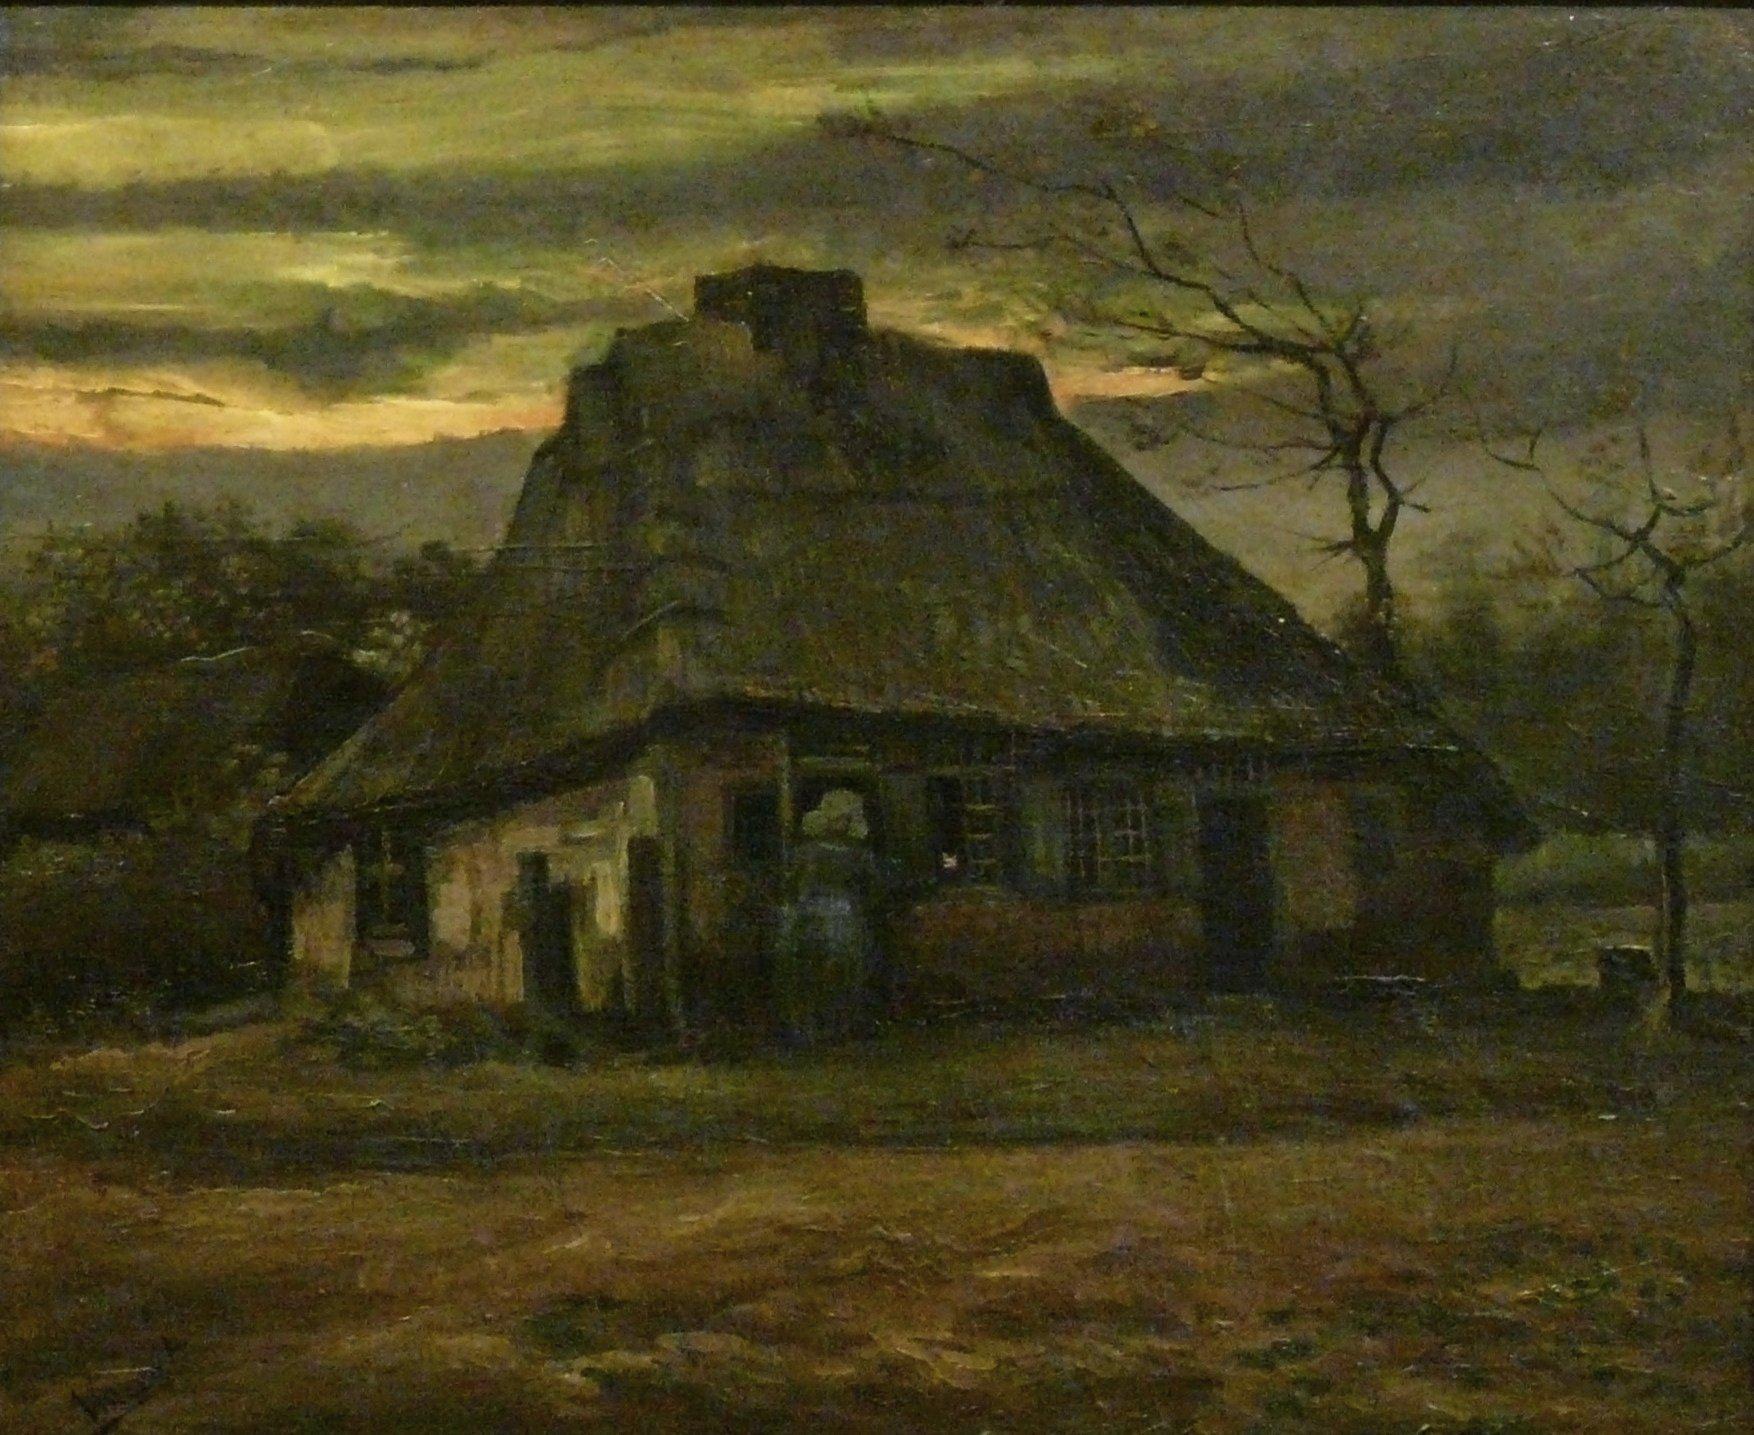 Fall Sunset Wallpaper File Wlanl Jankie De Hut Vincent Van Gogh 1885 Jpg